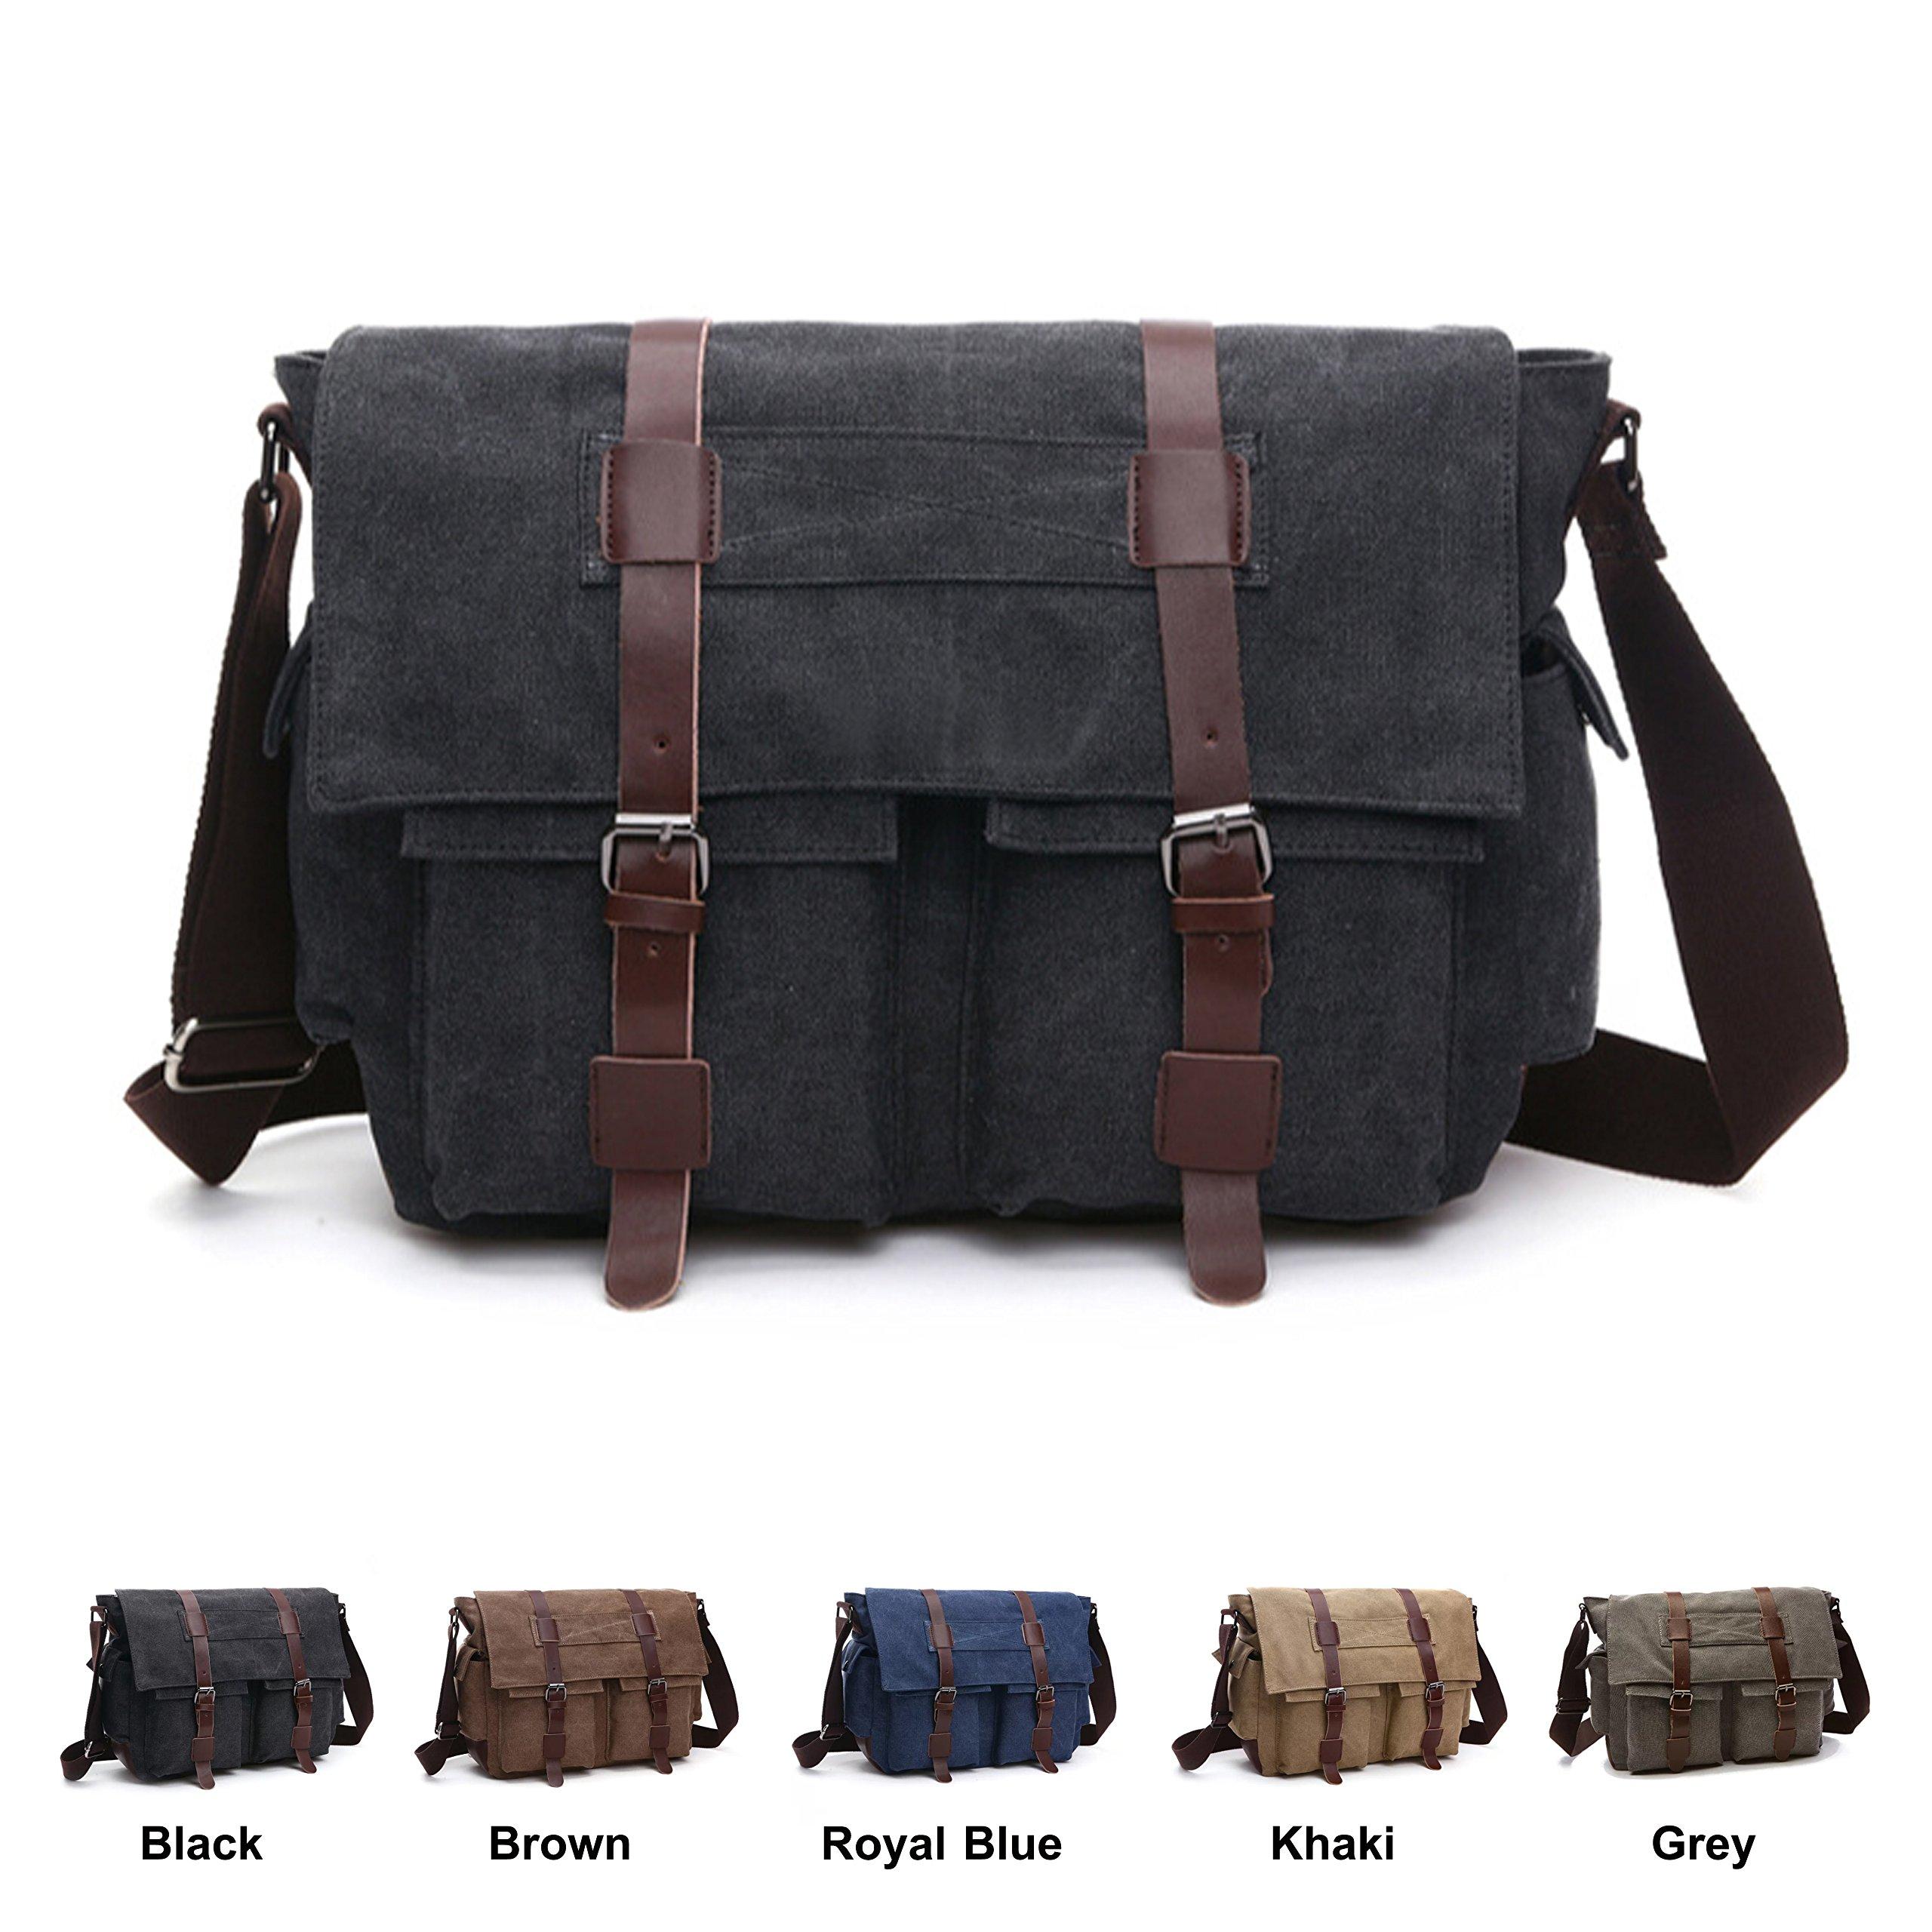 Queenie - Vintage Satchel Unisex Canvas Bag Cross Body Backpack Sling Rucksack Shoulder Bag Tote for Gym Travel Work (8168 Black)